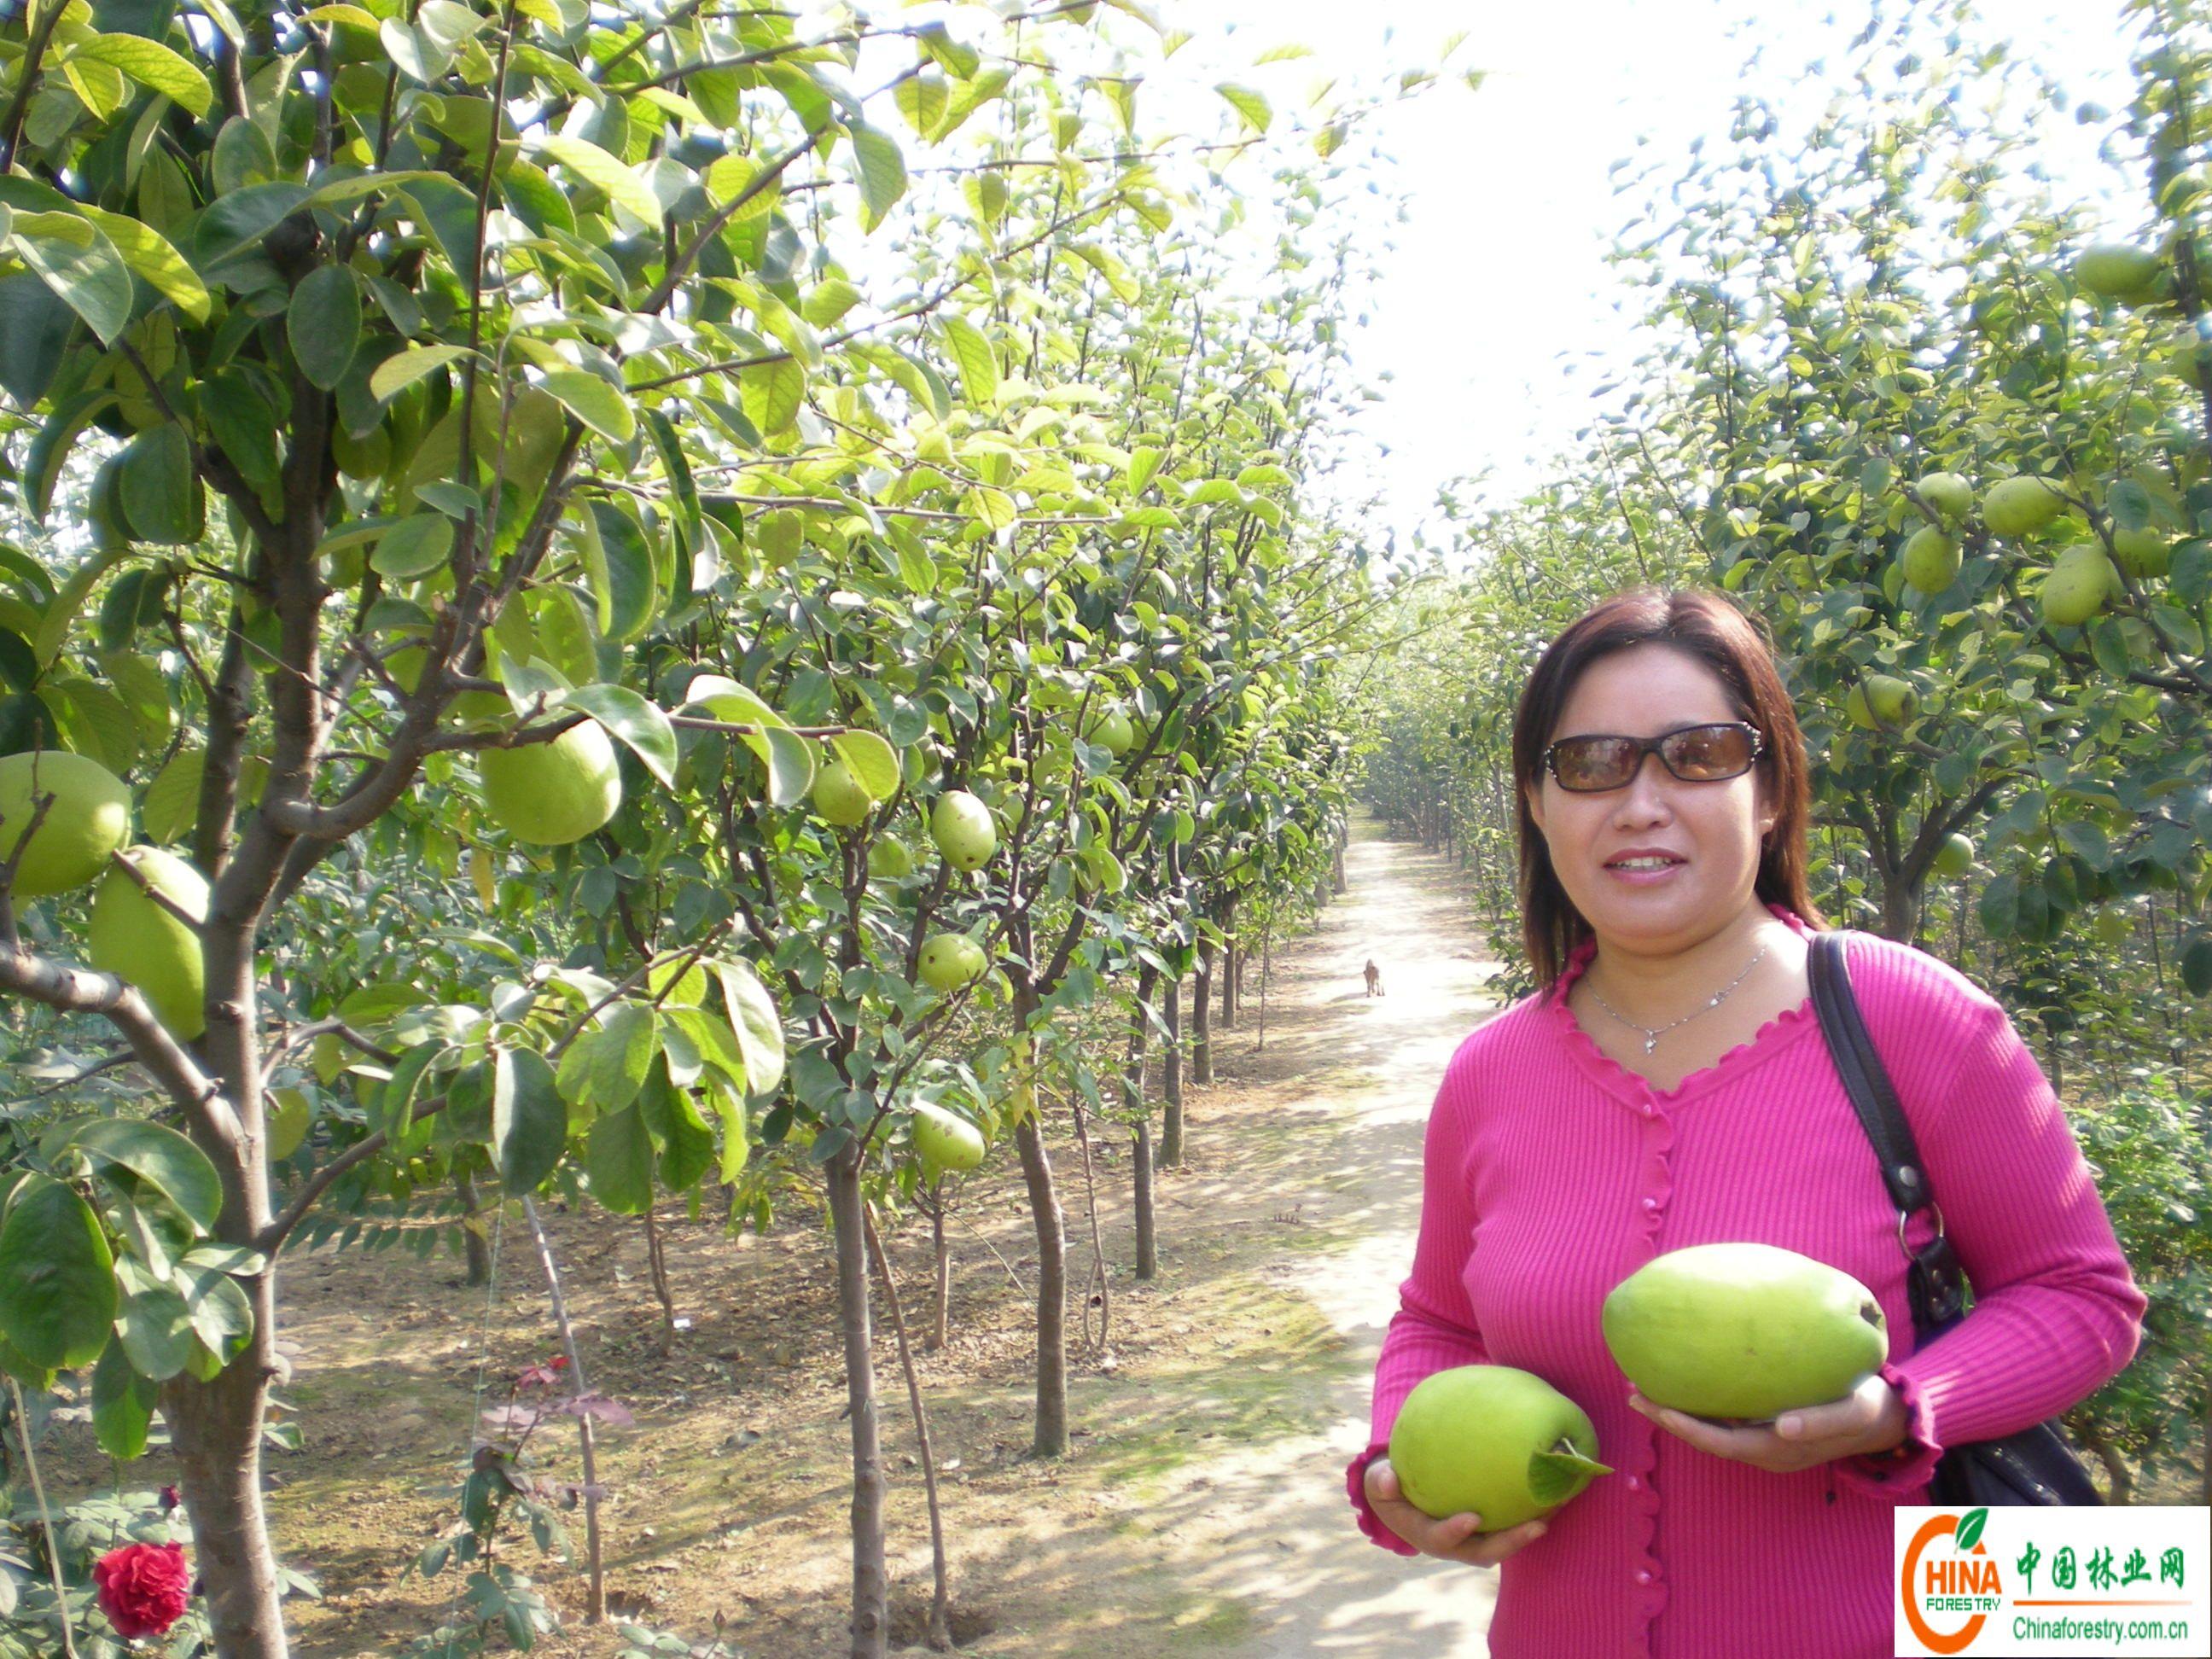 供应信息 产品名称 绿化极品-天香木瓜树-->中国林业